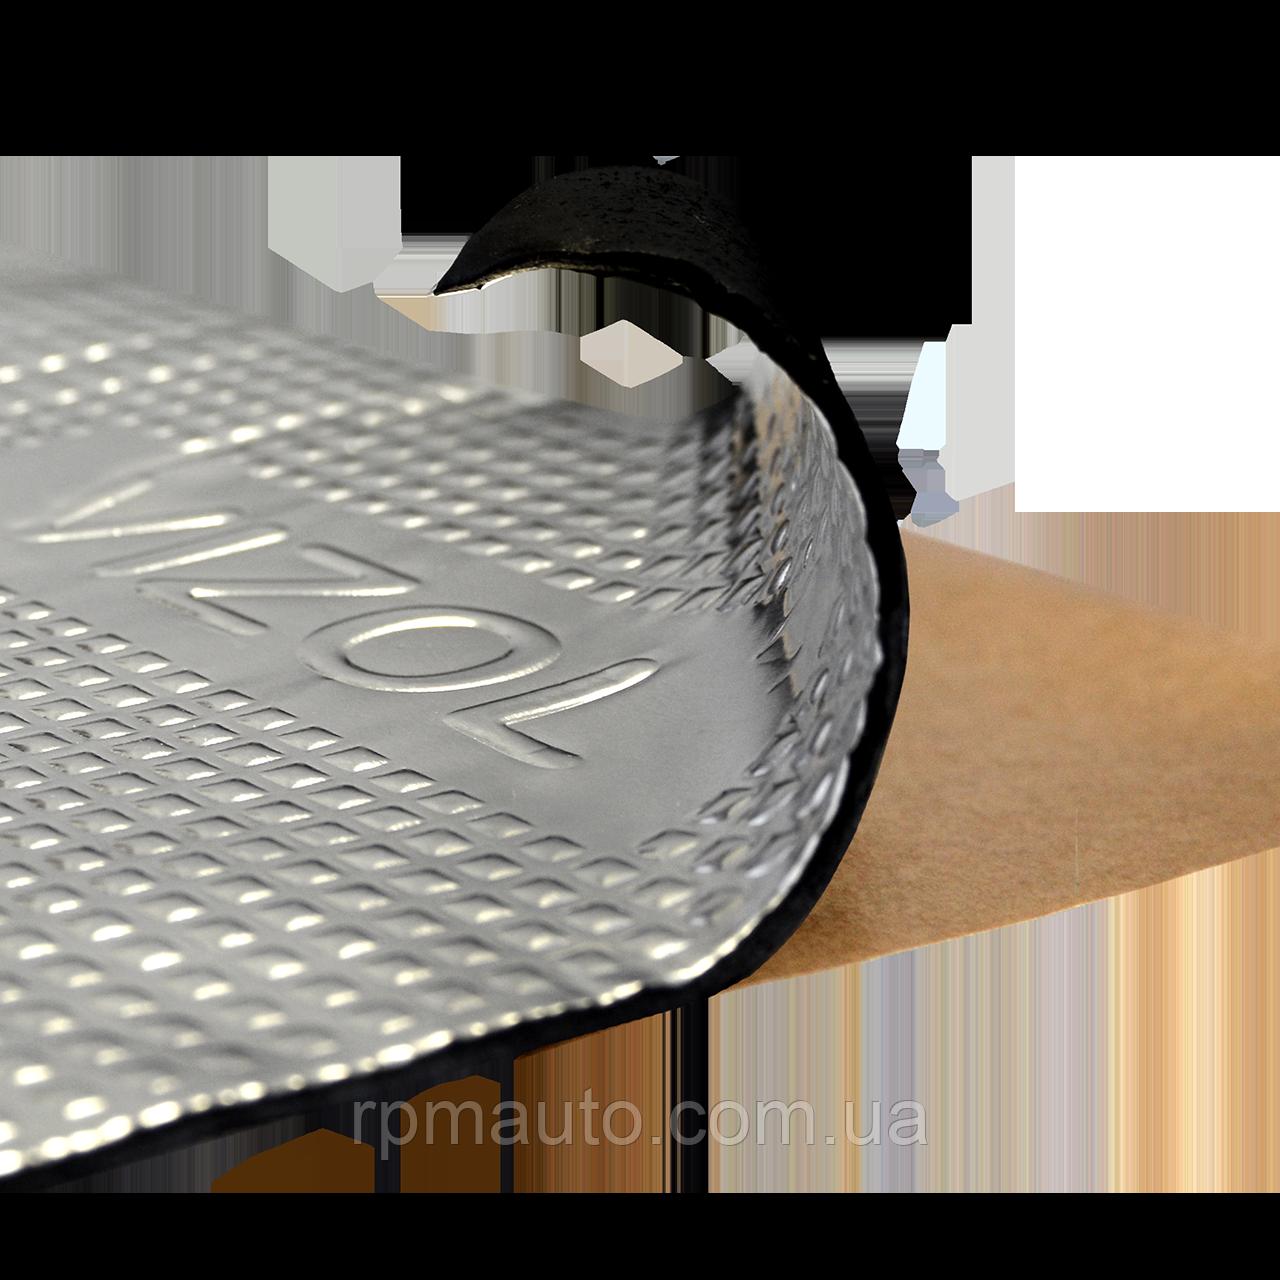 Шумоізоляція Авто Acoustics VIZOL 2 мм (фольга 100 мкм) 50х70 см Віброізоляція Шумка Виброшумоизоляция